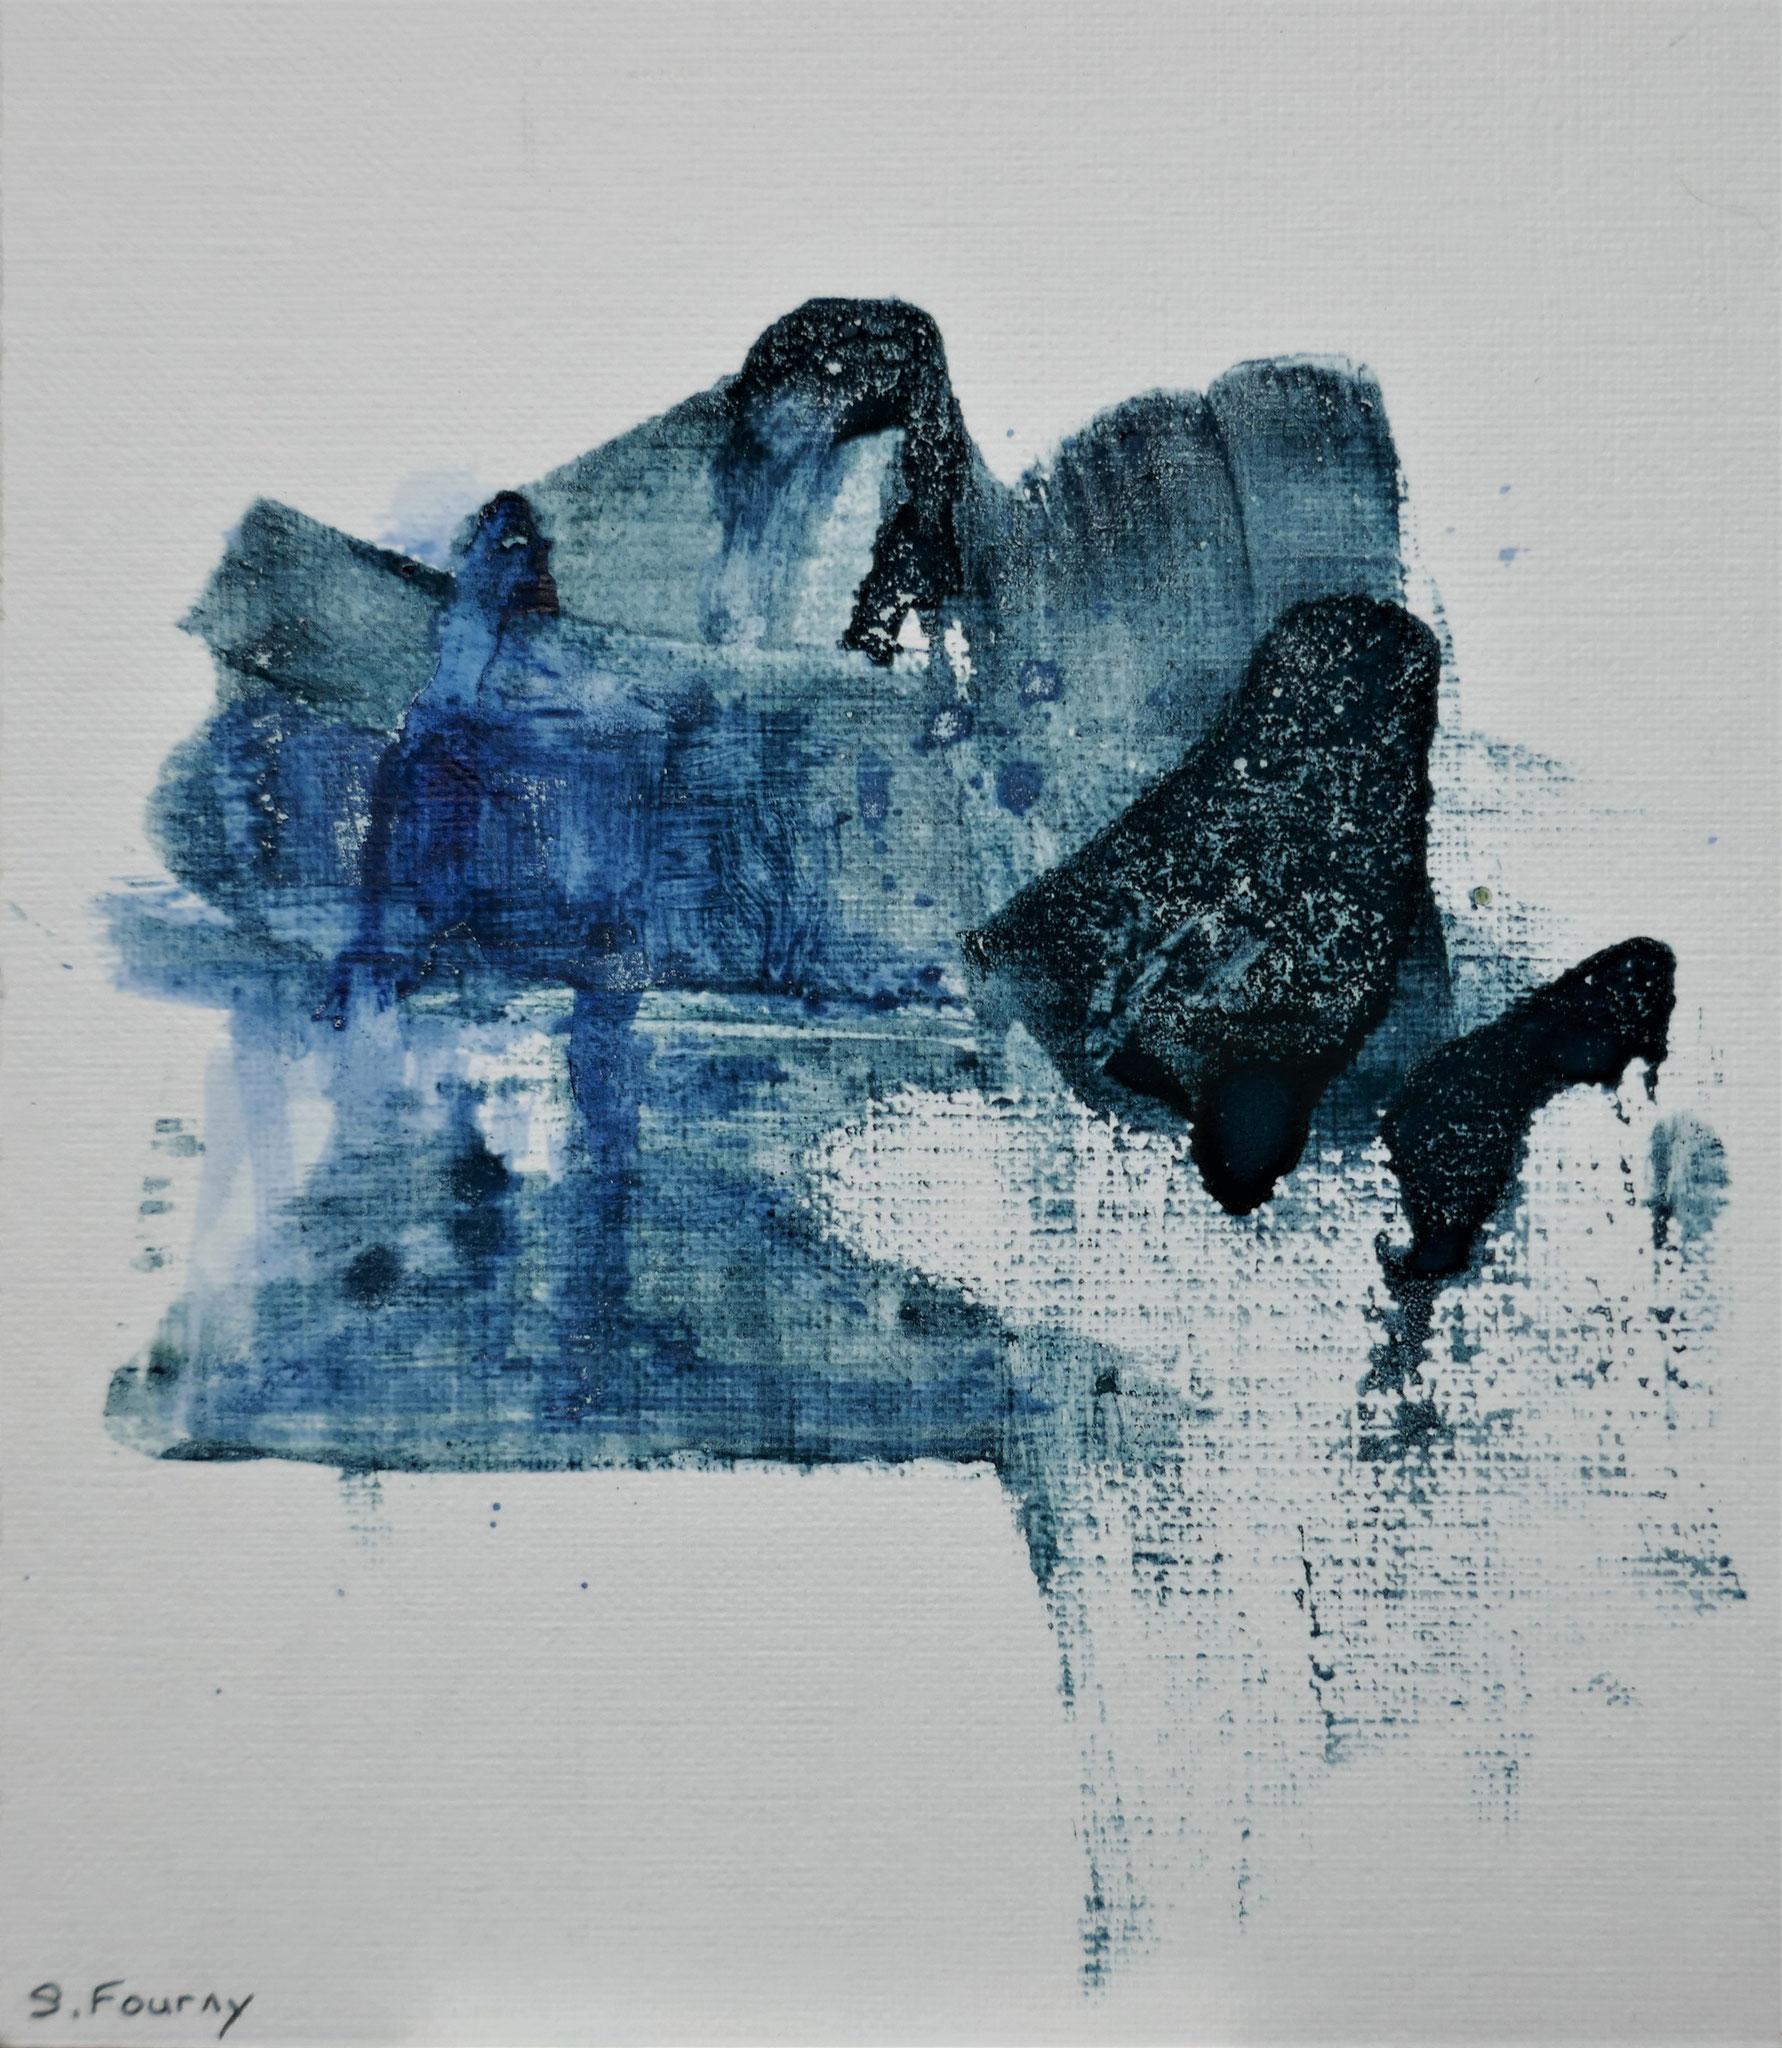 N°44 : 15 X 13 cm : pigments aquarellés et encre sur papier